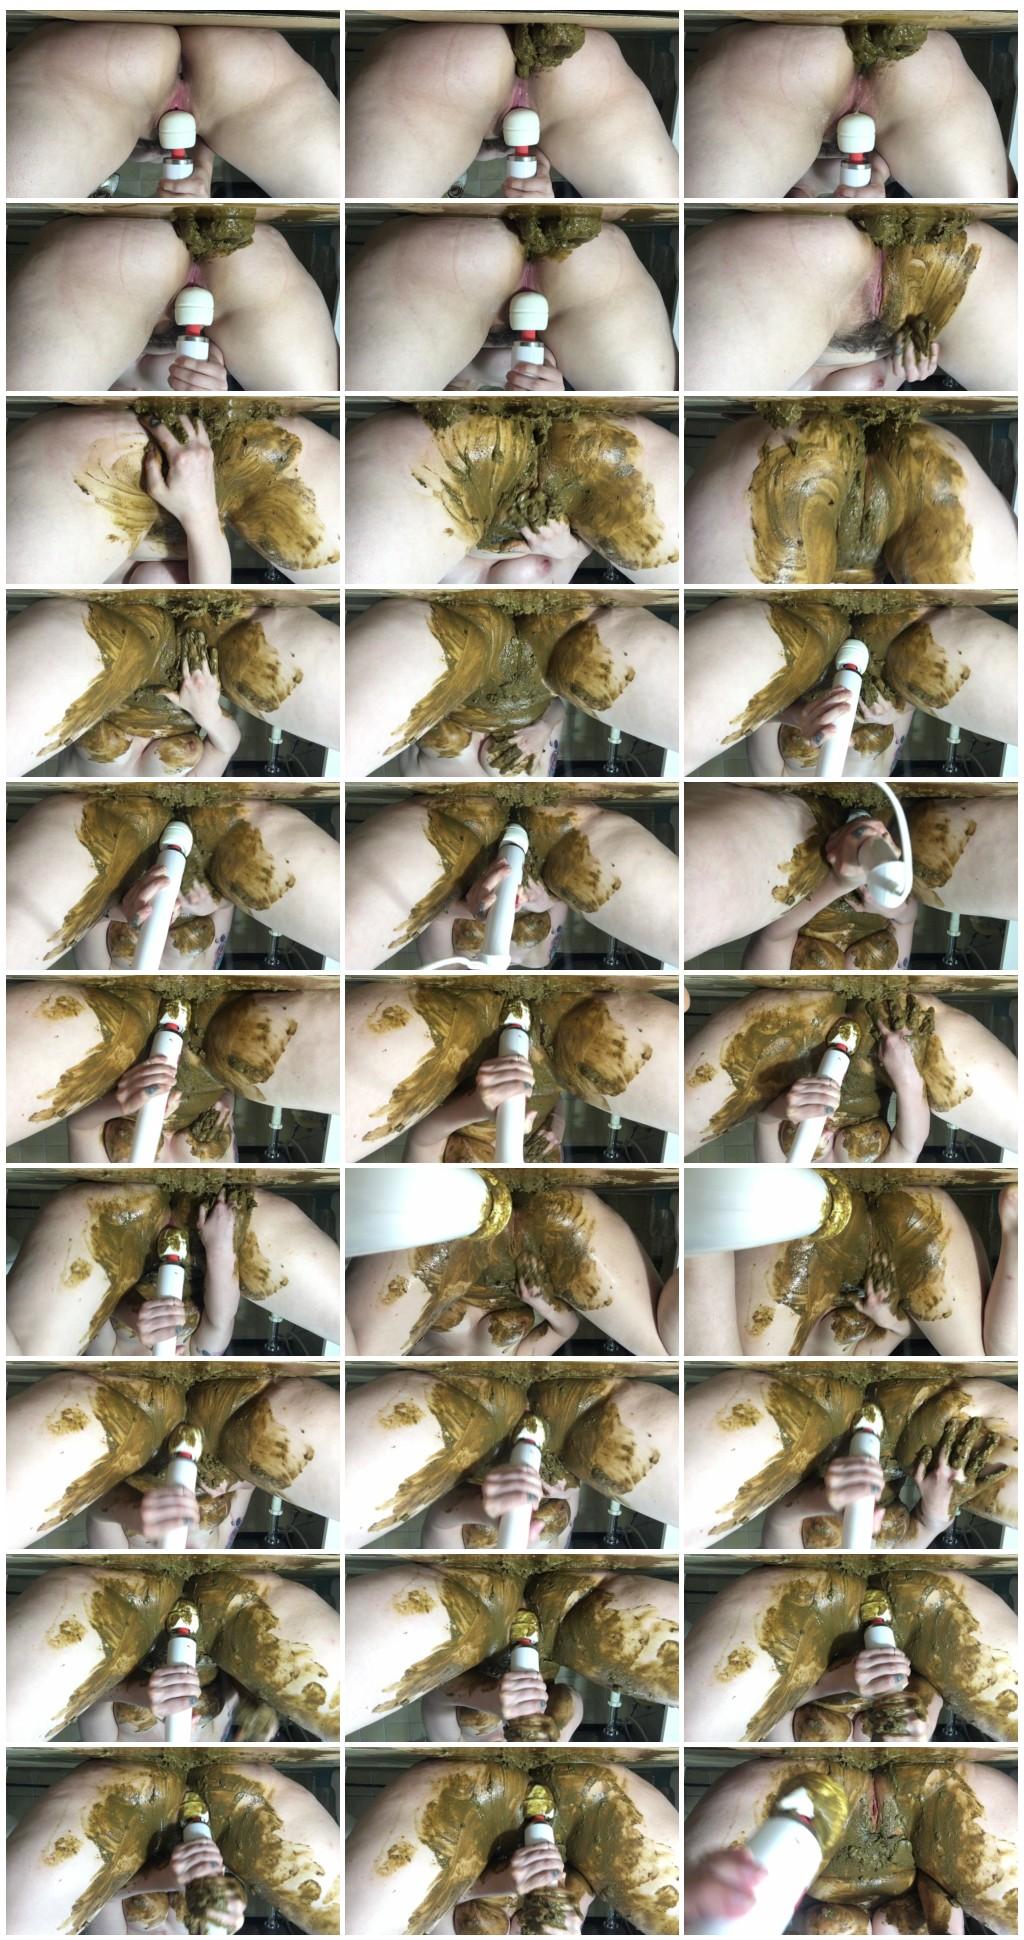 ChubbiBunni Poop Play Masturbation Scat shit defecation pissing Smearing Masturbation Dildo masturbation thumb - ChubbiBunni - Poop Play Masturbation [Scat, shit, defecation, pissing, Smearing, Masturbation, Dildo masturbation]